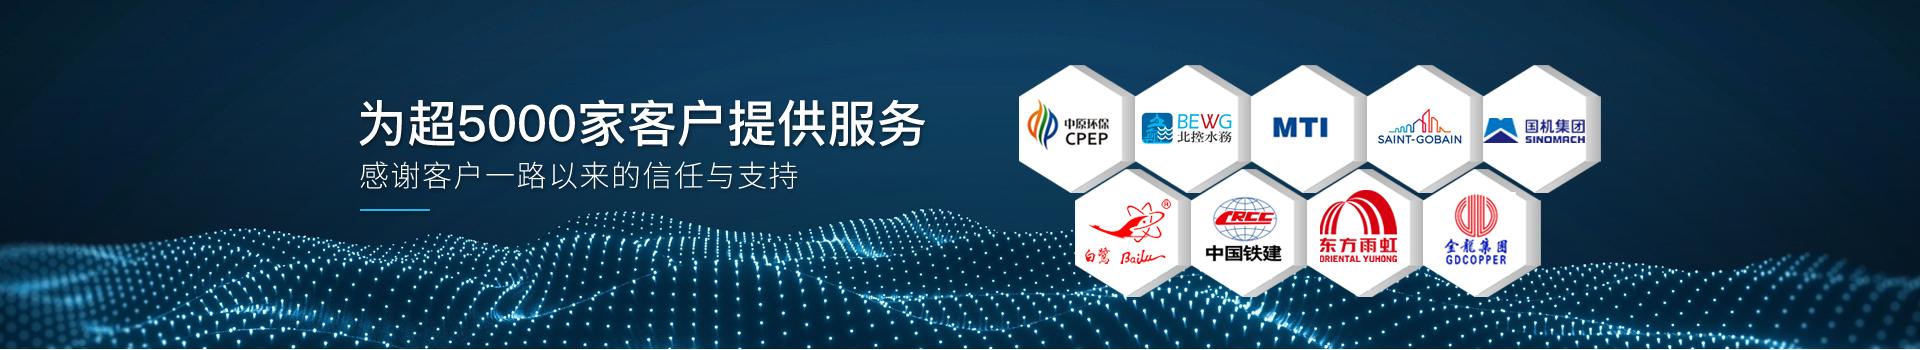 华东工控,为超5000家客户提供服务